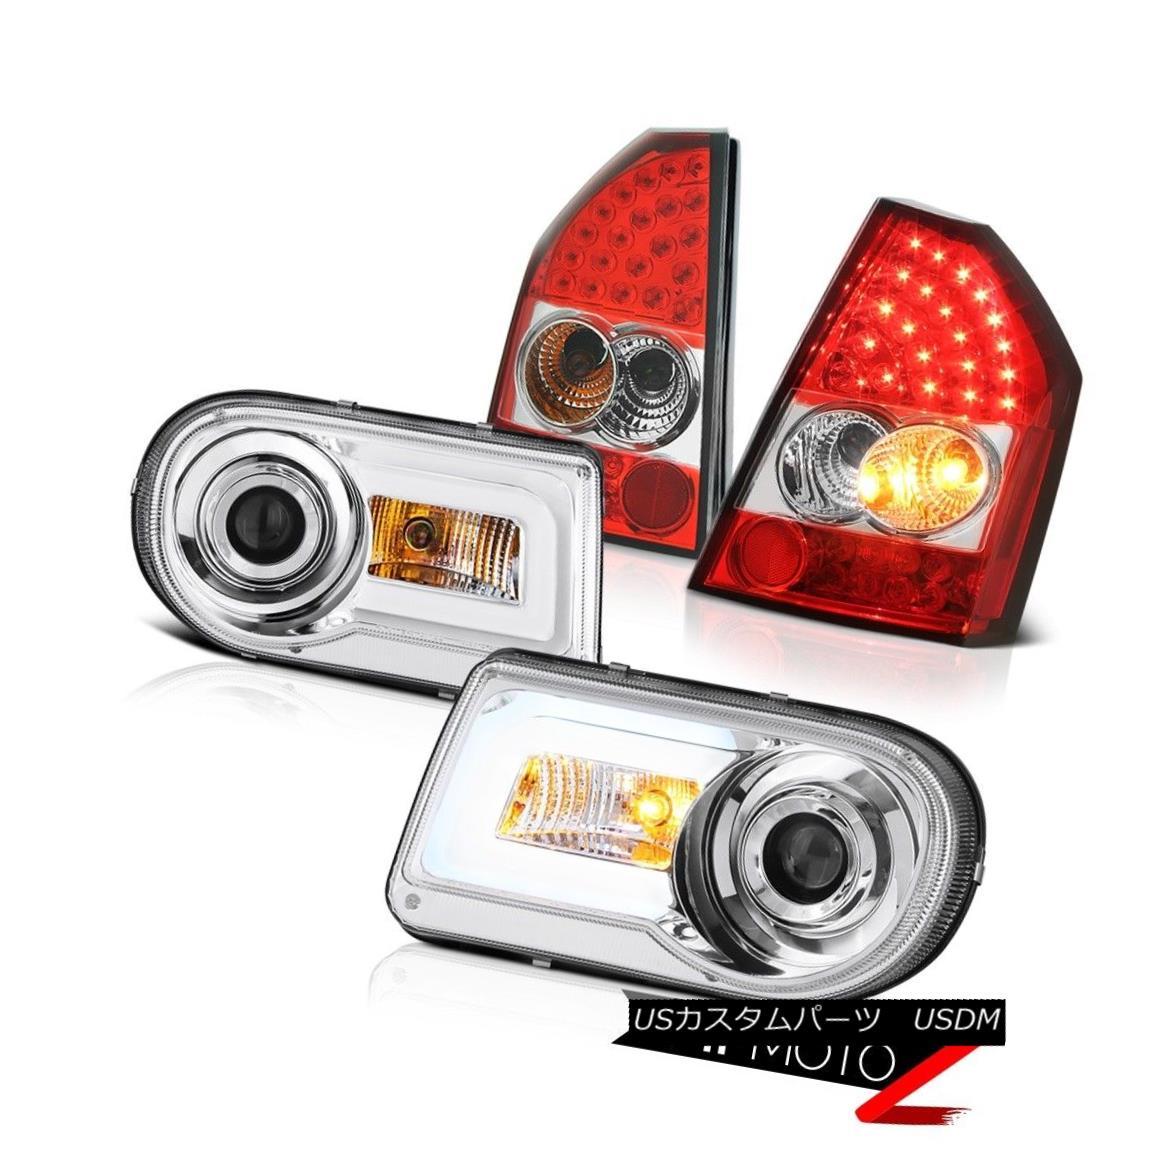 テールライト 08 09 10 Chrysler 300C Crystal Halo LED Headlights Rosso Red Brake Tail Lights 08 09 10クリスラー300CクリスタルハローLEDヘッドライトロッソレッドブレーキテールライト